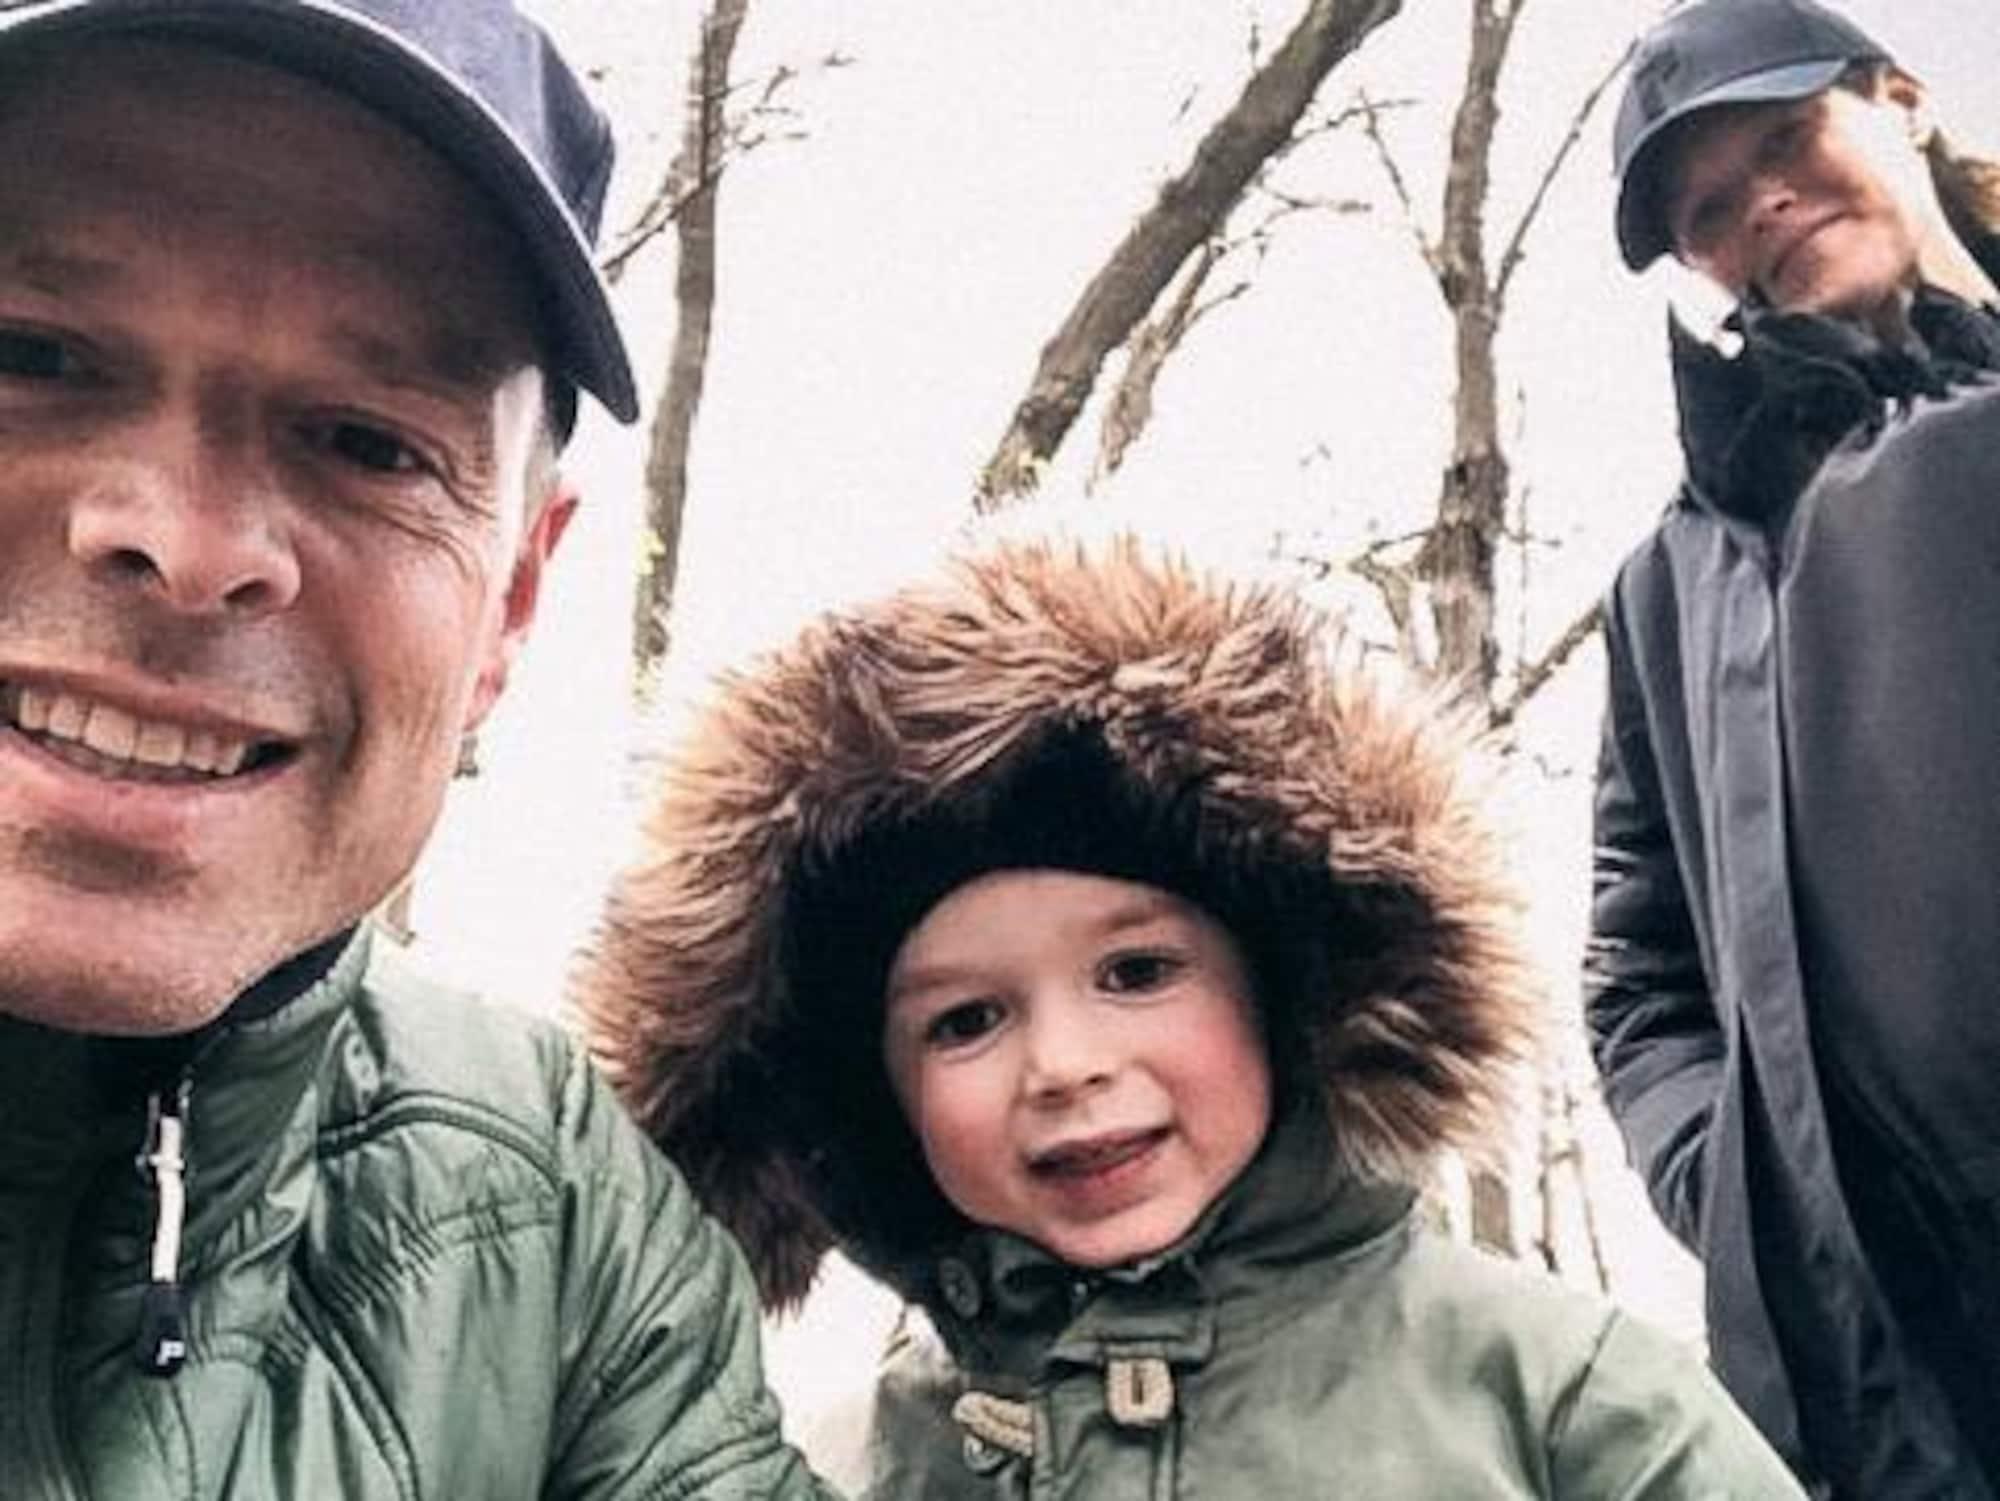 Jean-Luc Brassard, sa conjointe Shana et leur fils Grey sourient à la caméra lors d'une promenade en nature.